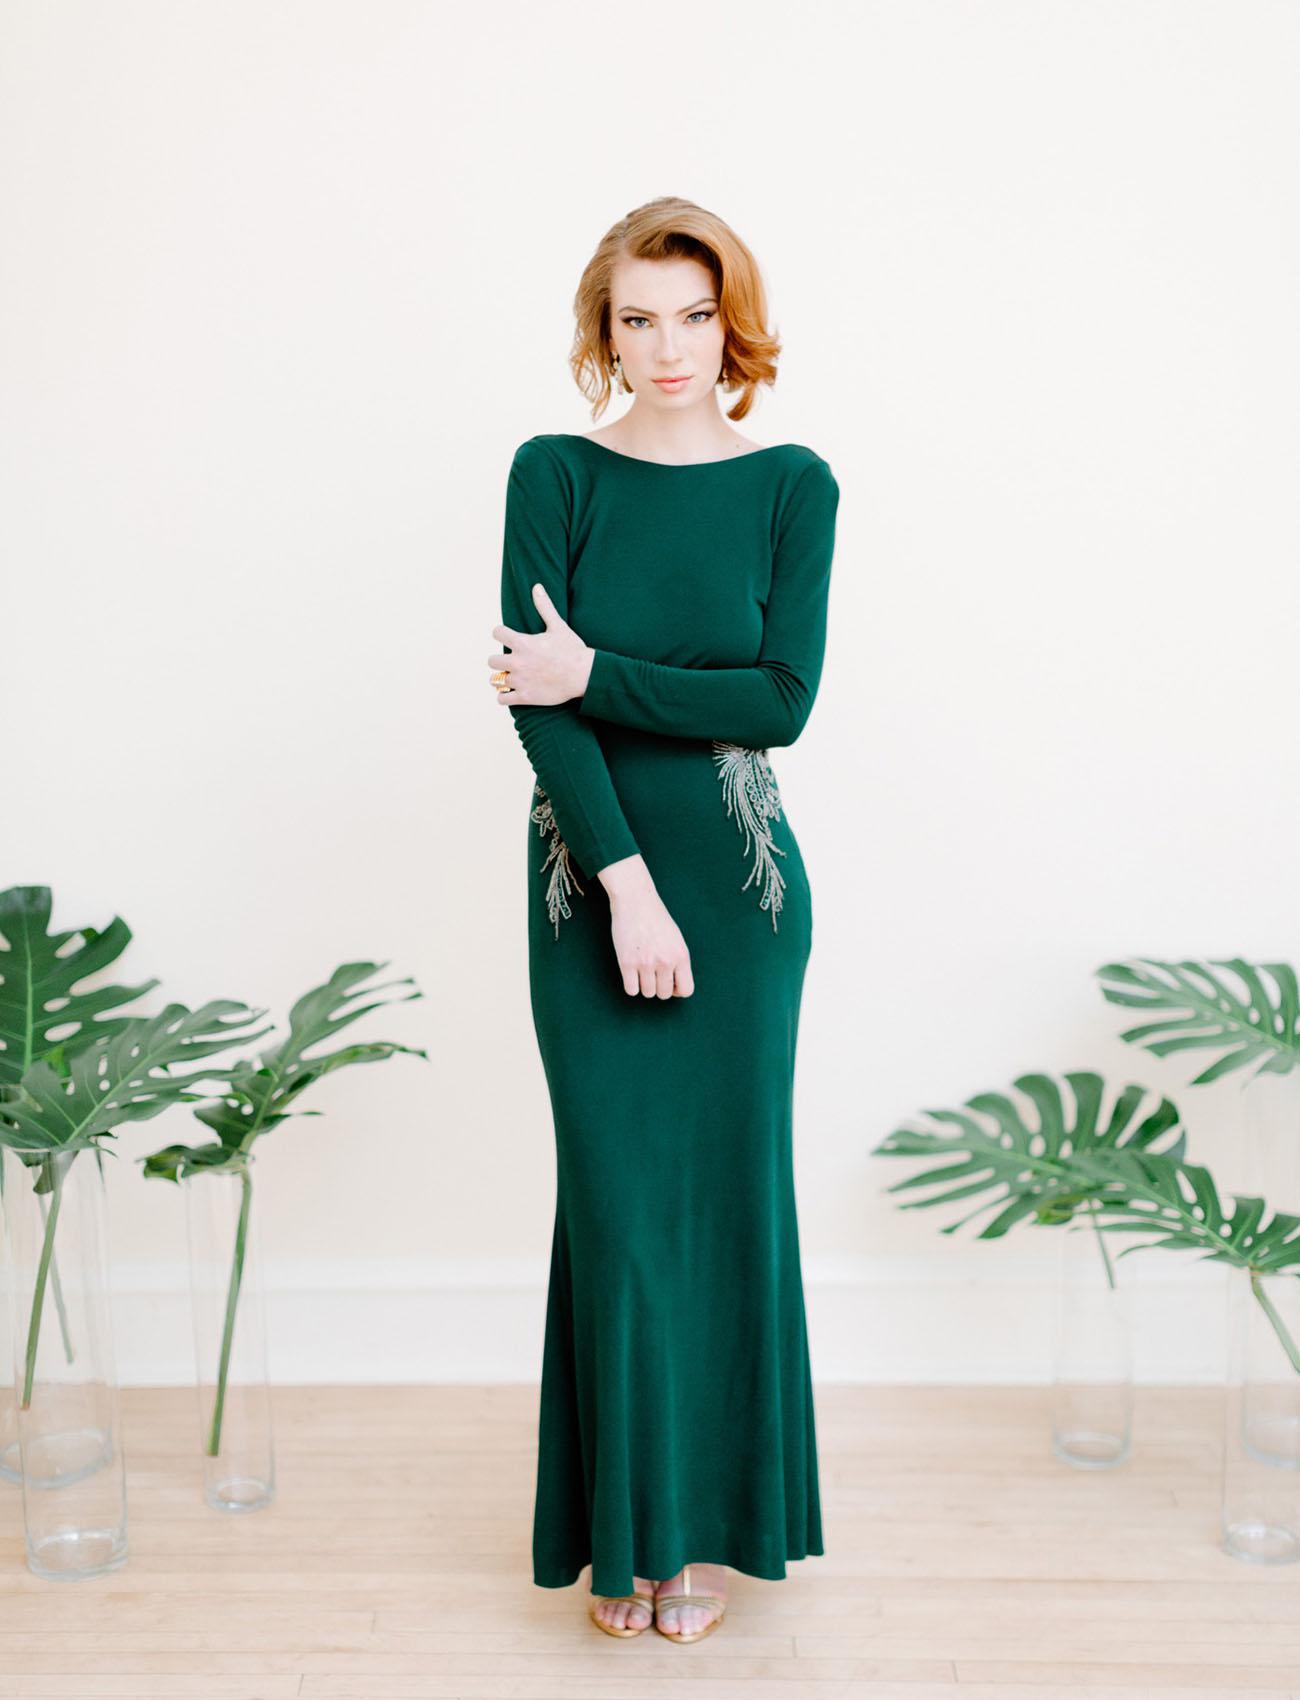 Deco Wedding Dress 98 Spectacular emerald green dress